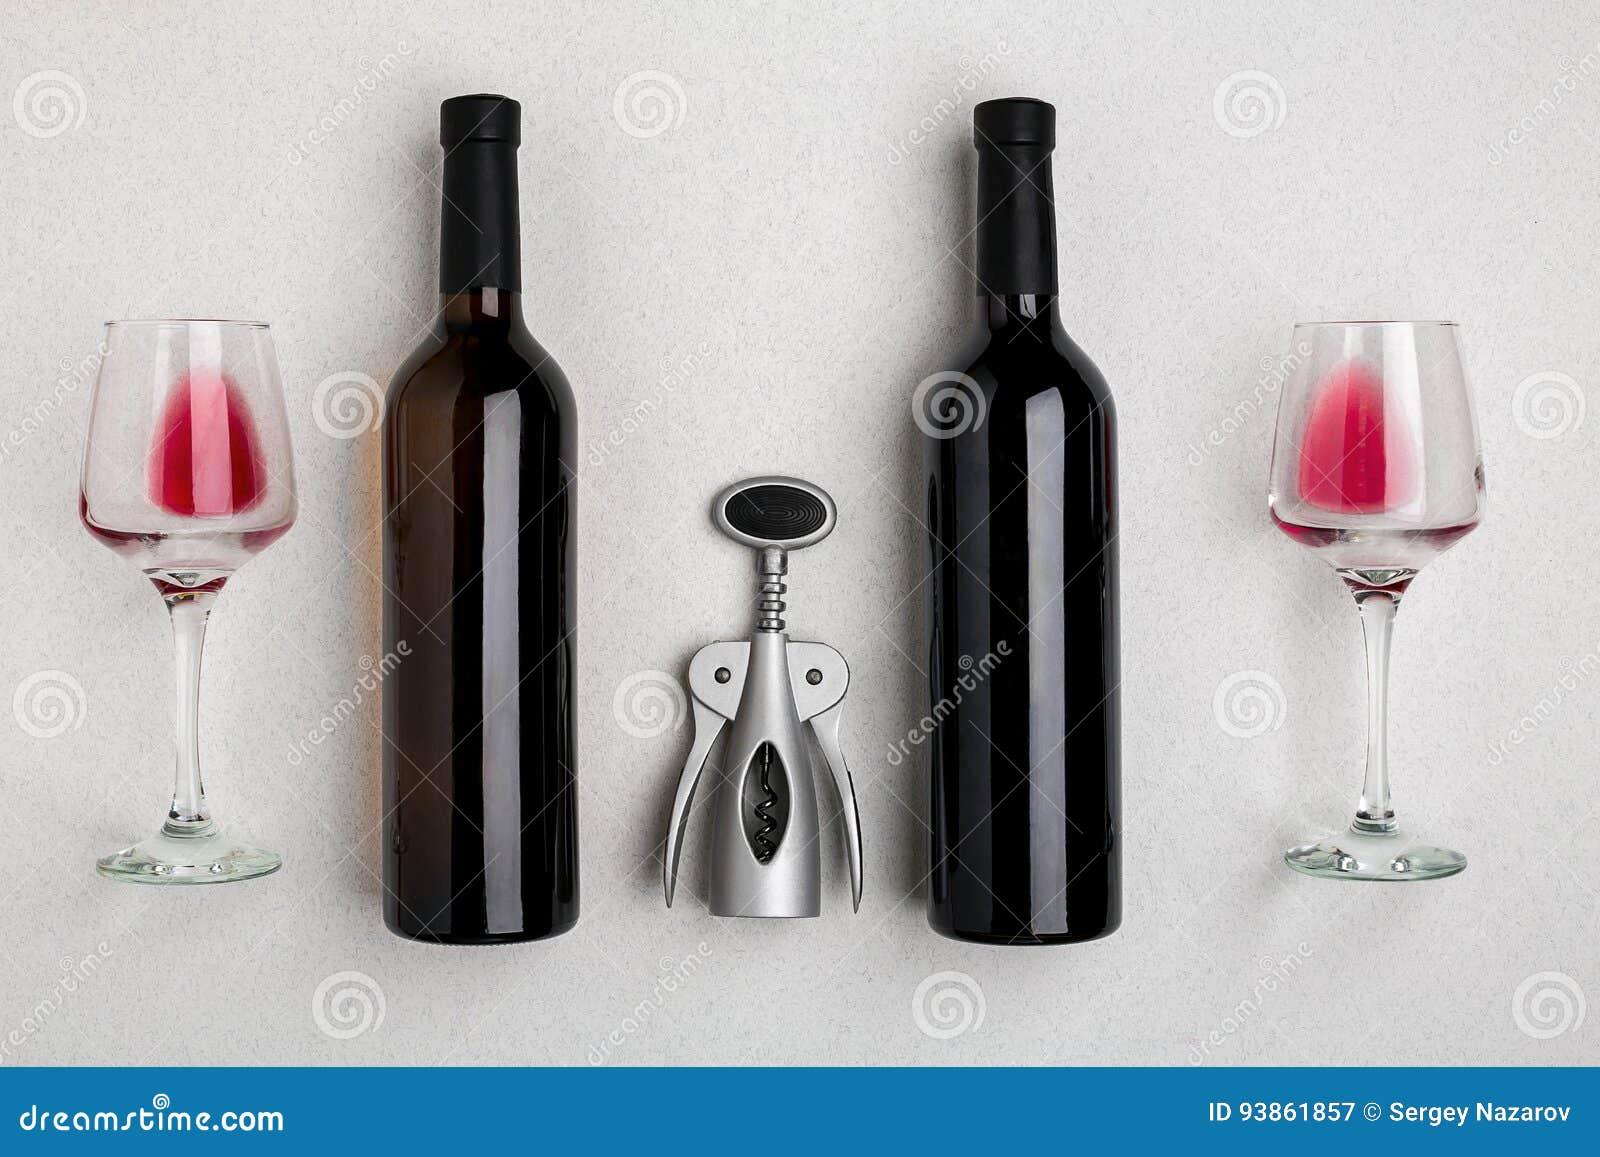 Rot- und Weißweinflaschen und Gläser, Draufsicht